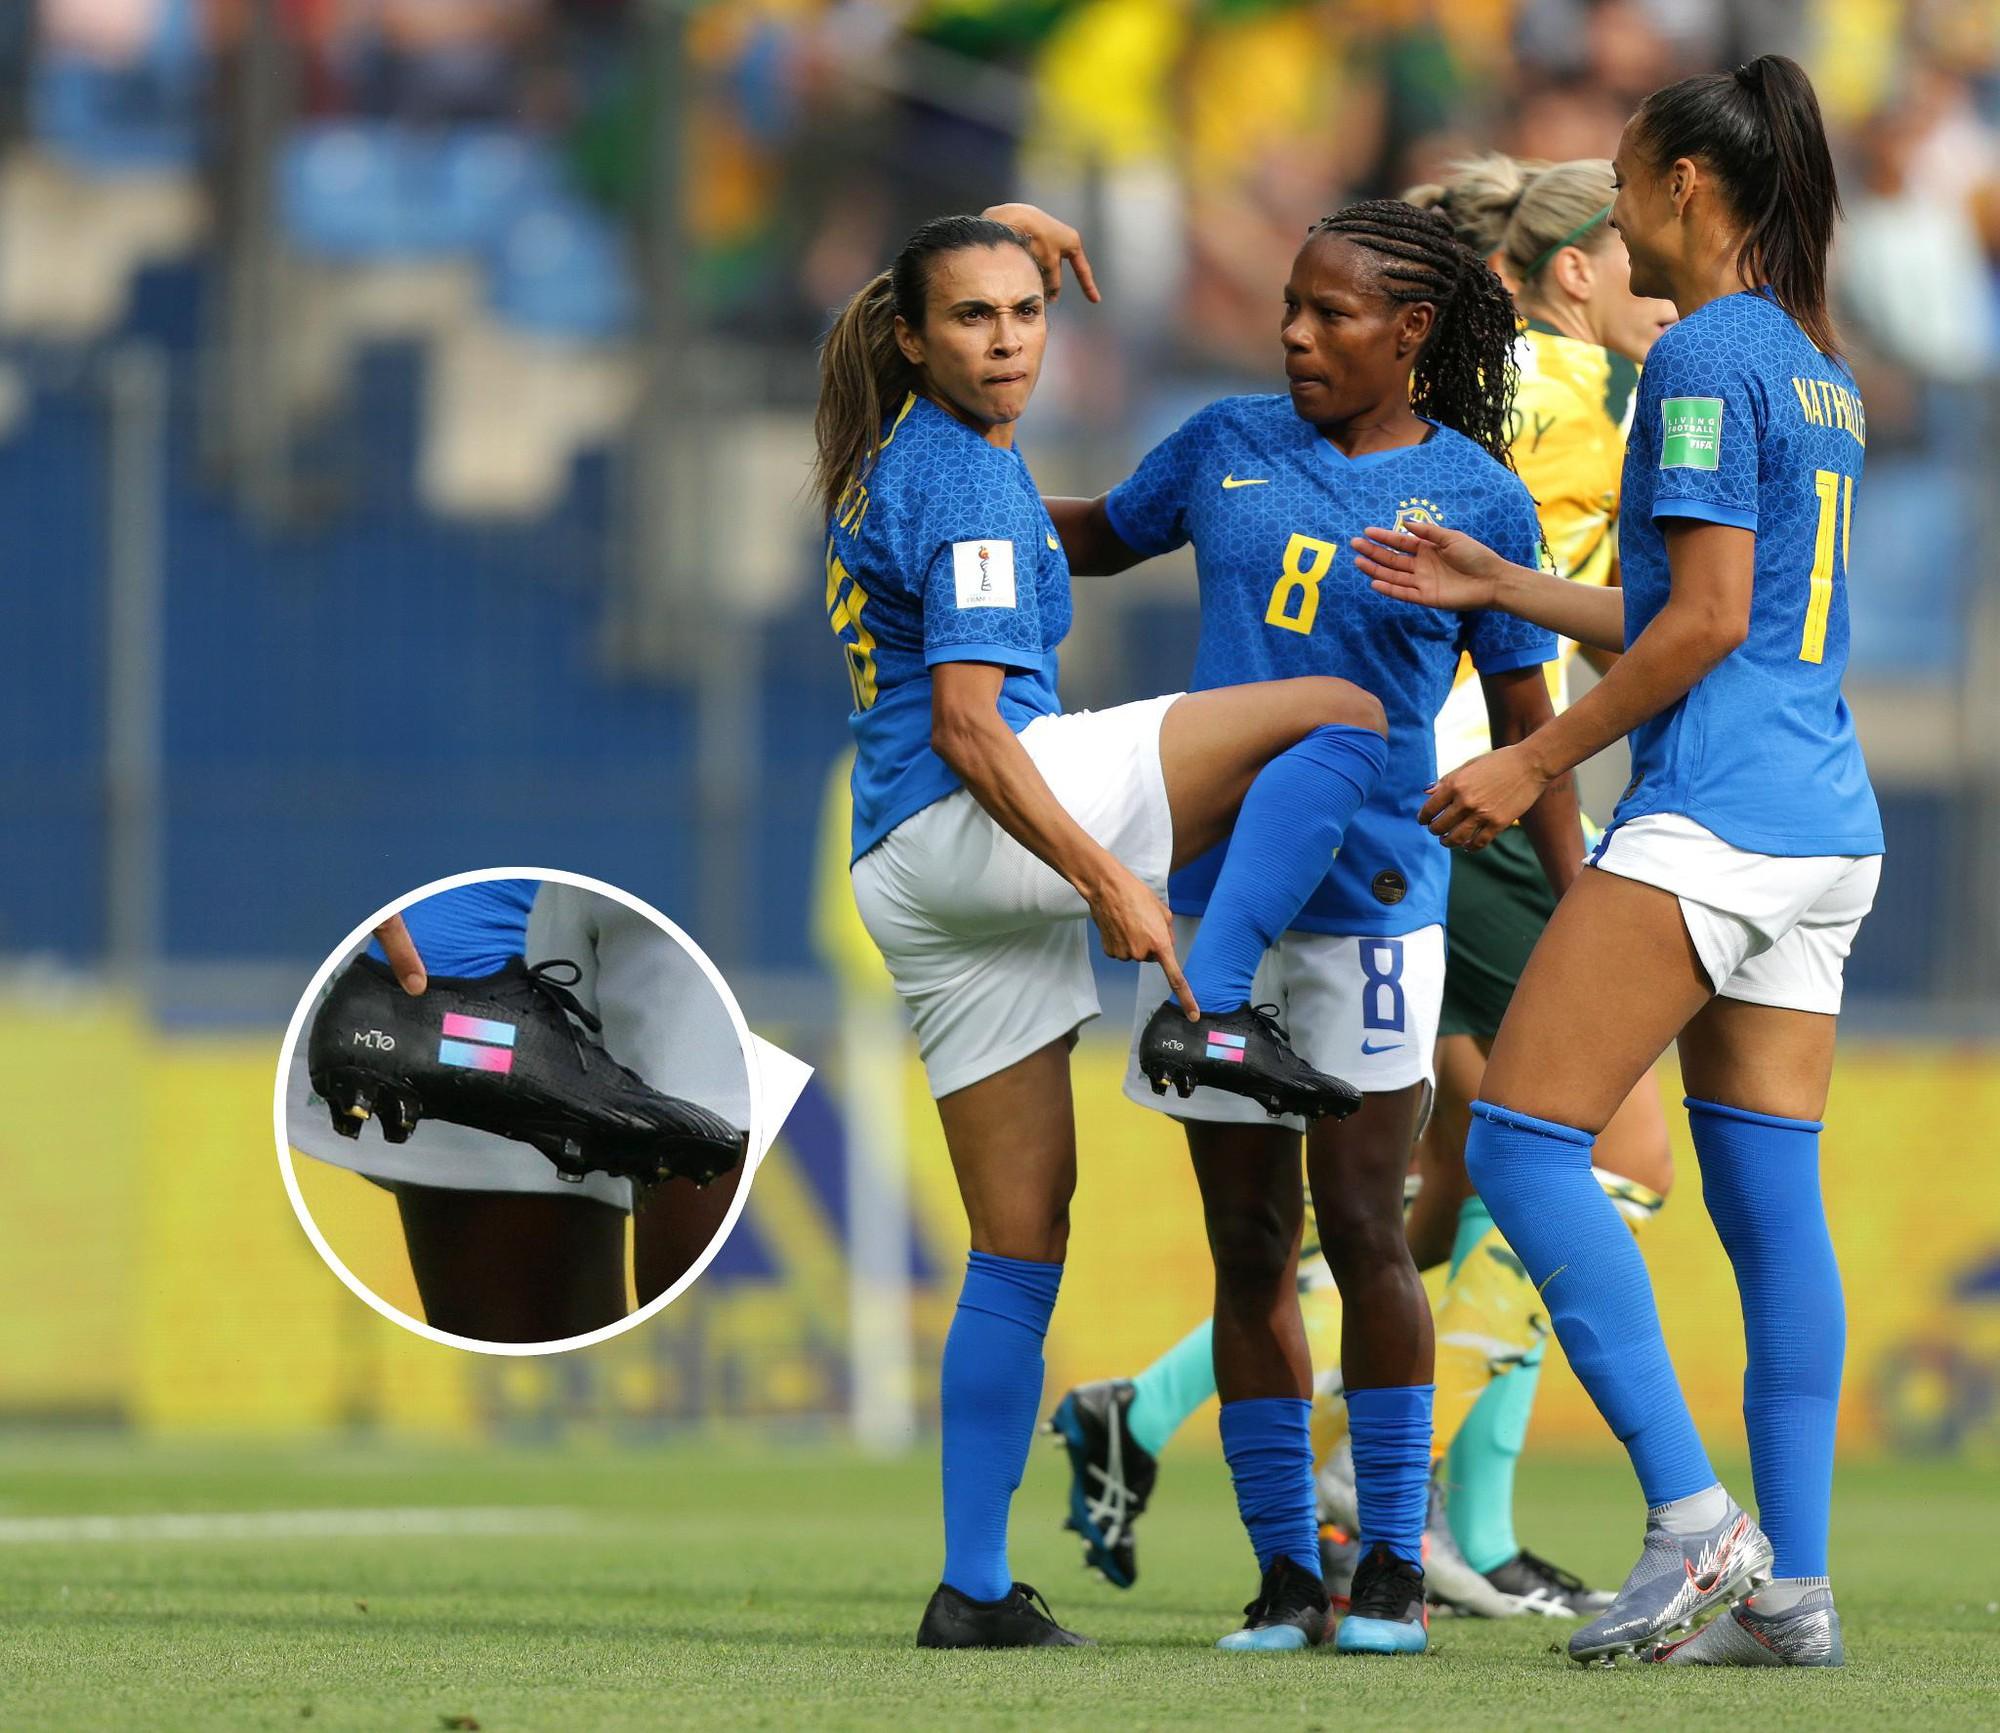 CHÍNH THỨC: Ronaldinho phiên bản nữ san bằng thành tích của Klose tại World Cup - Ảnh 1.